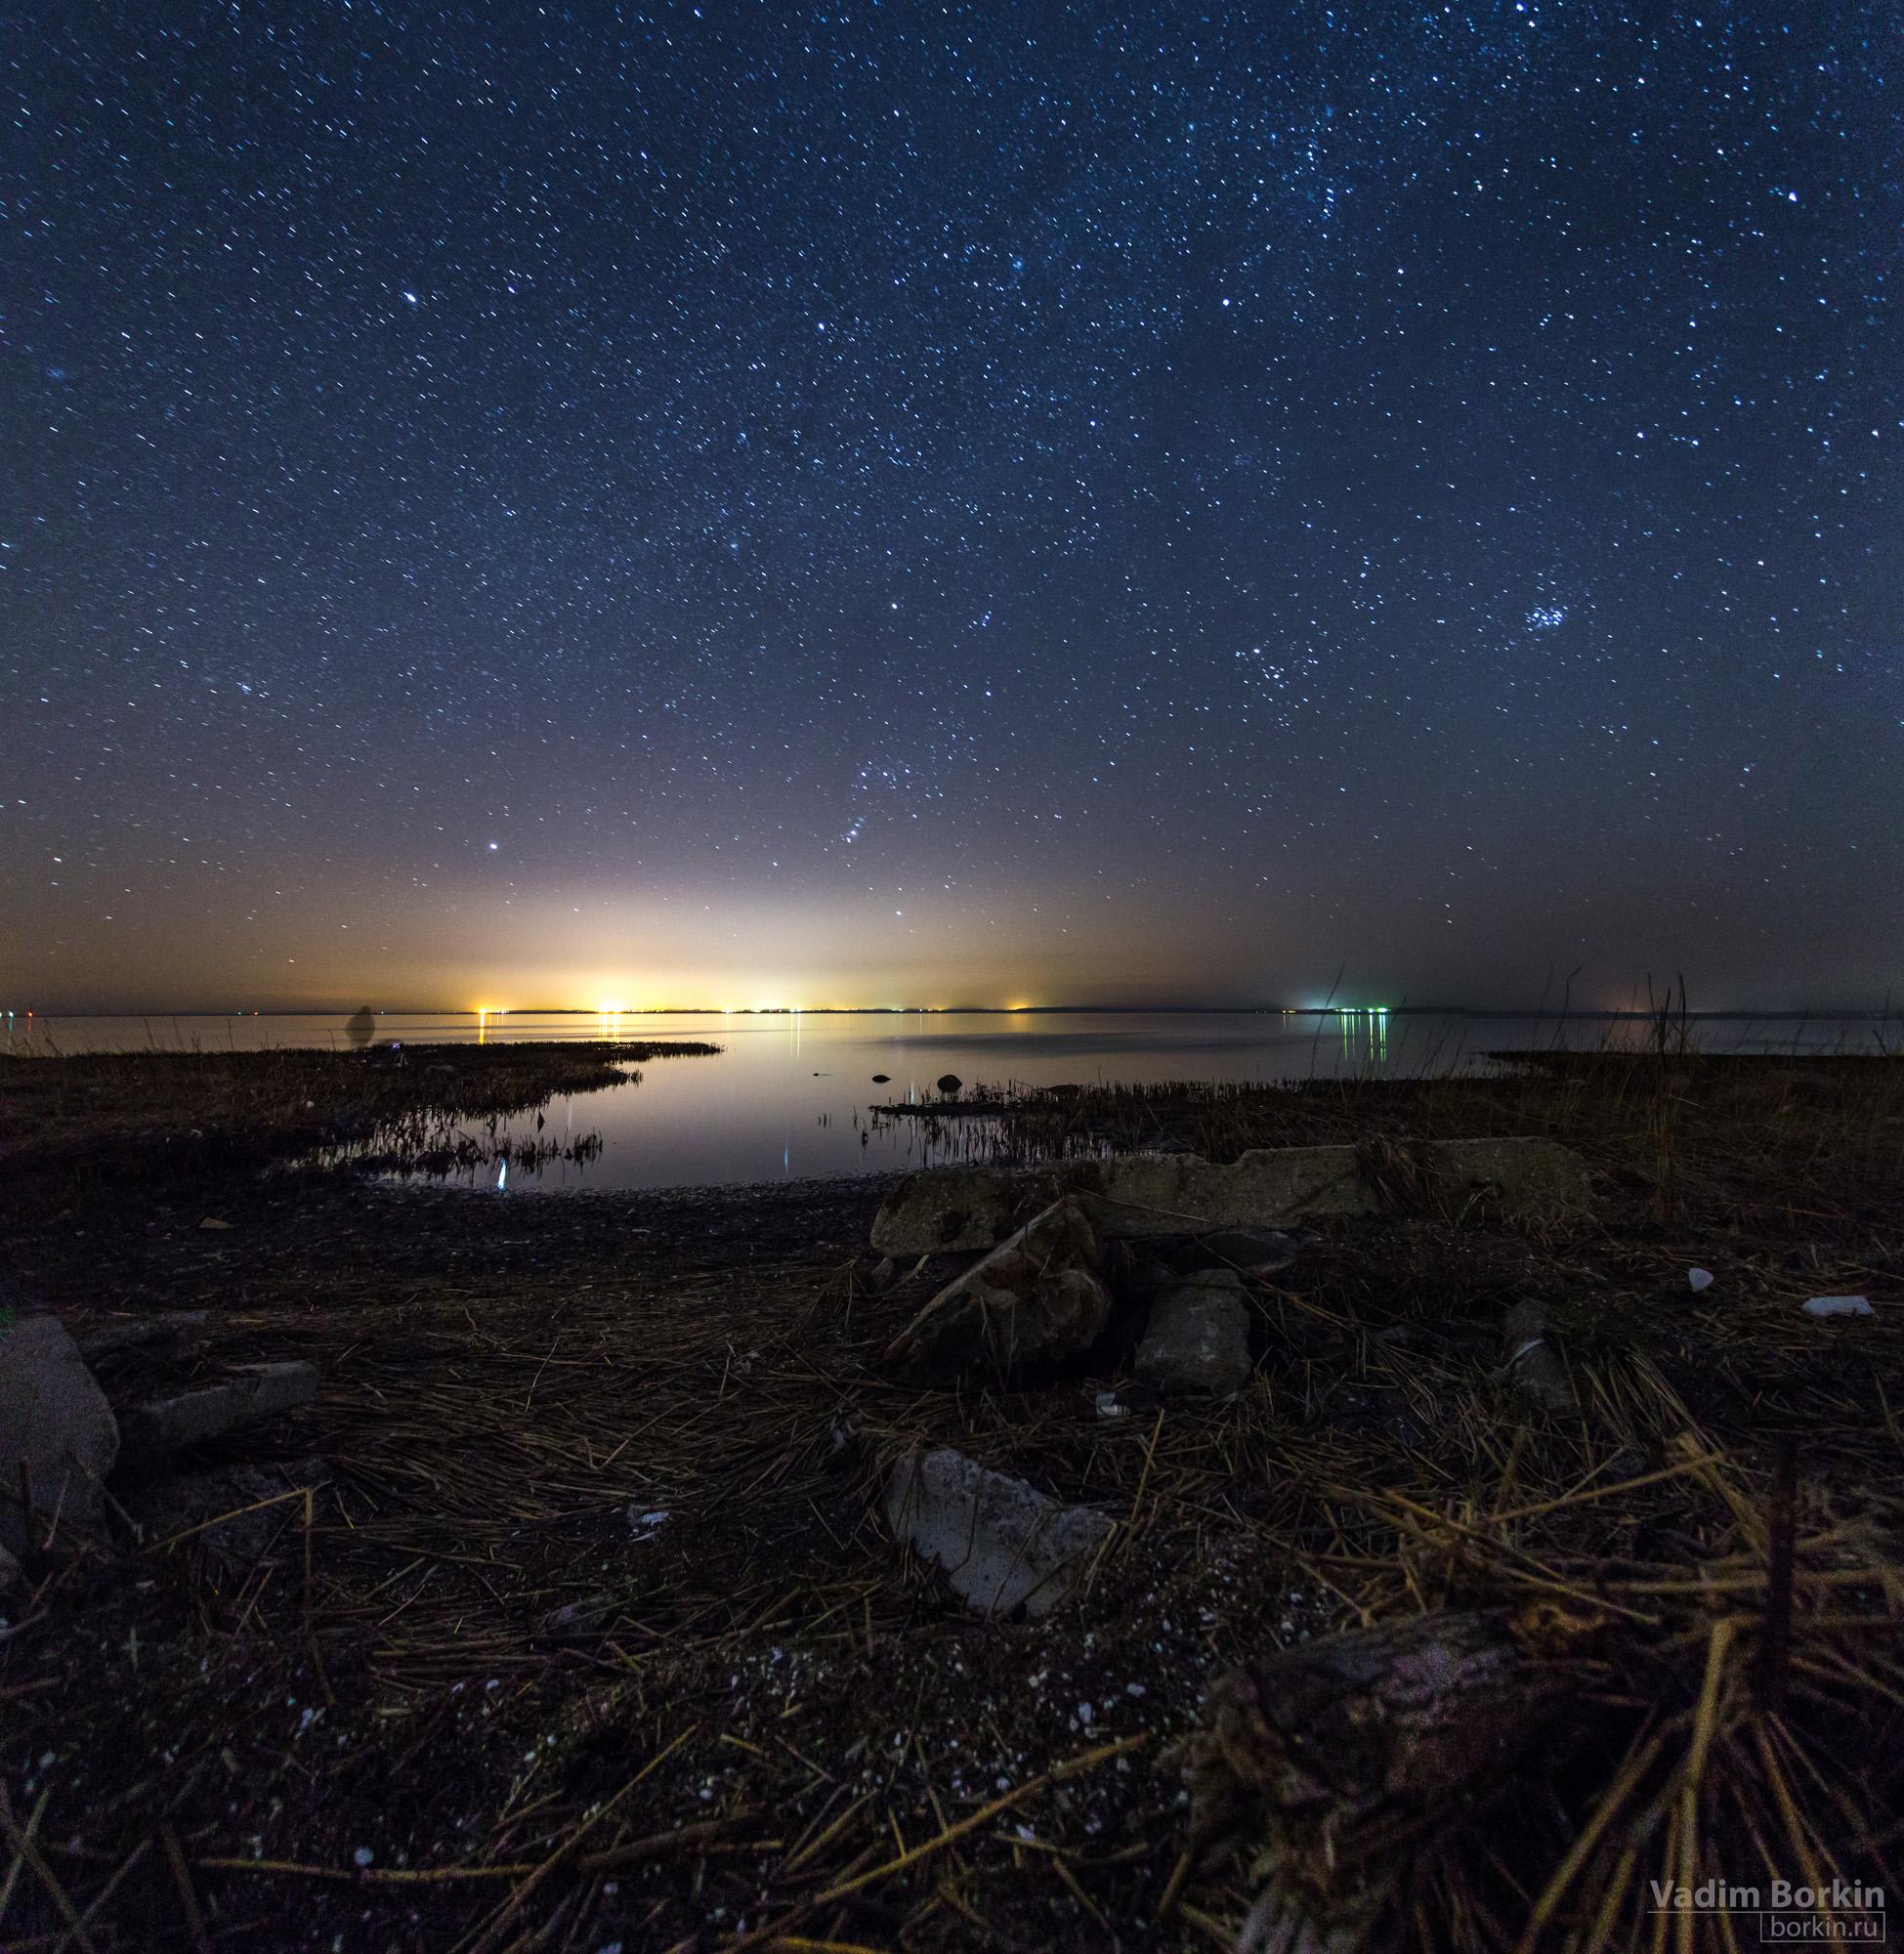 фото бухта под звездами